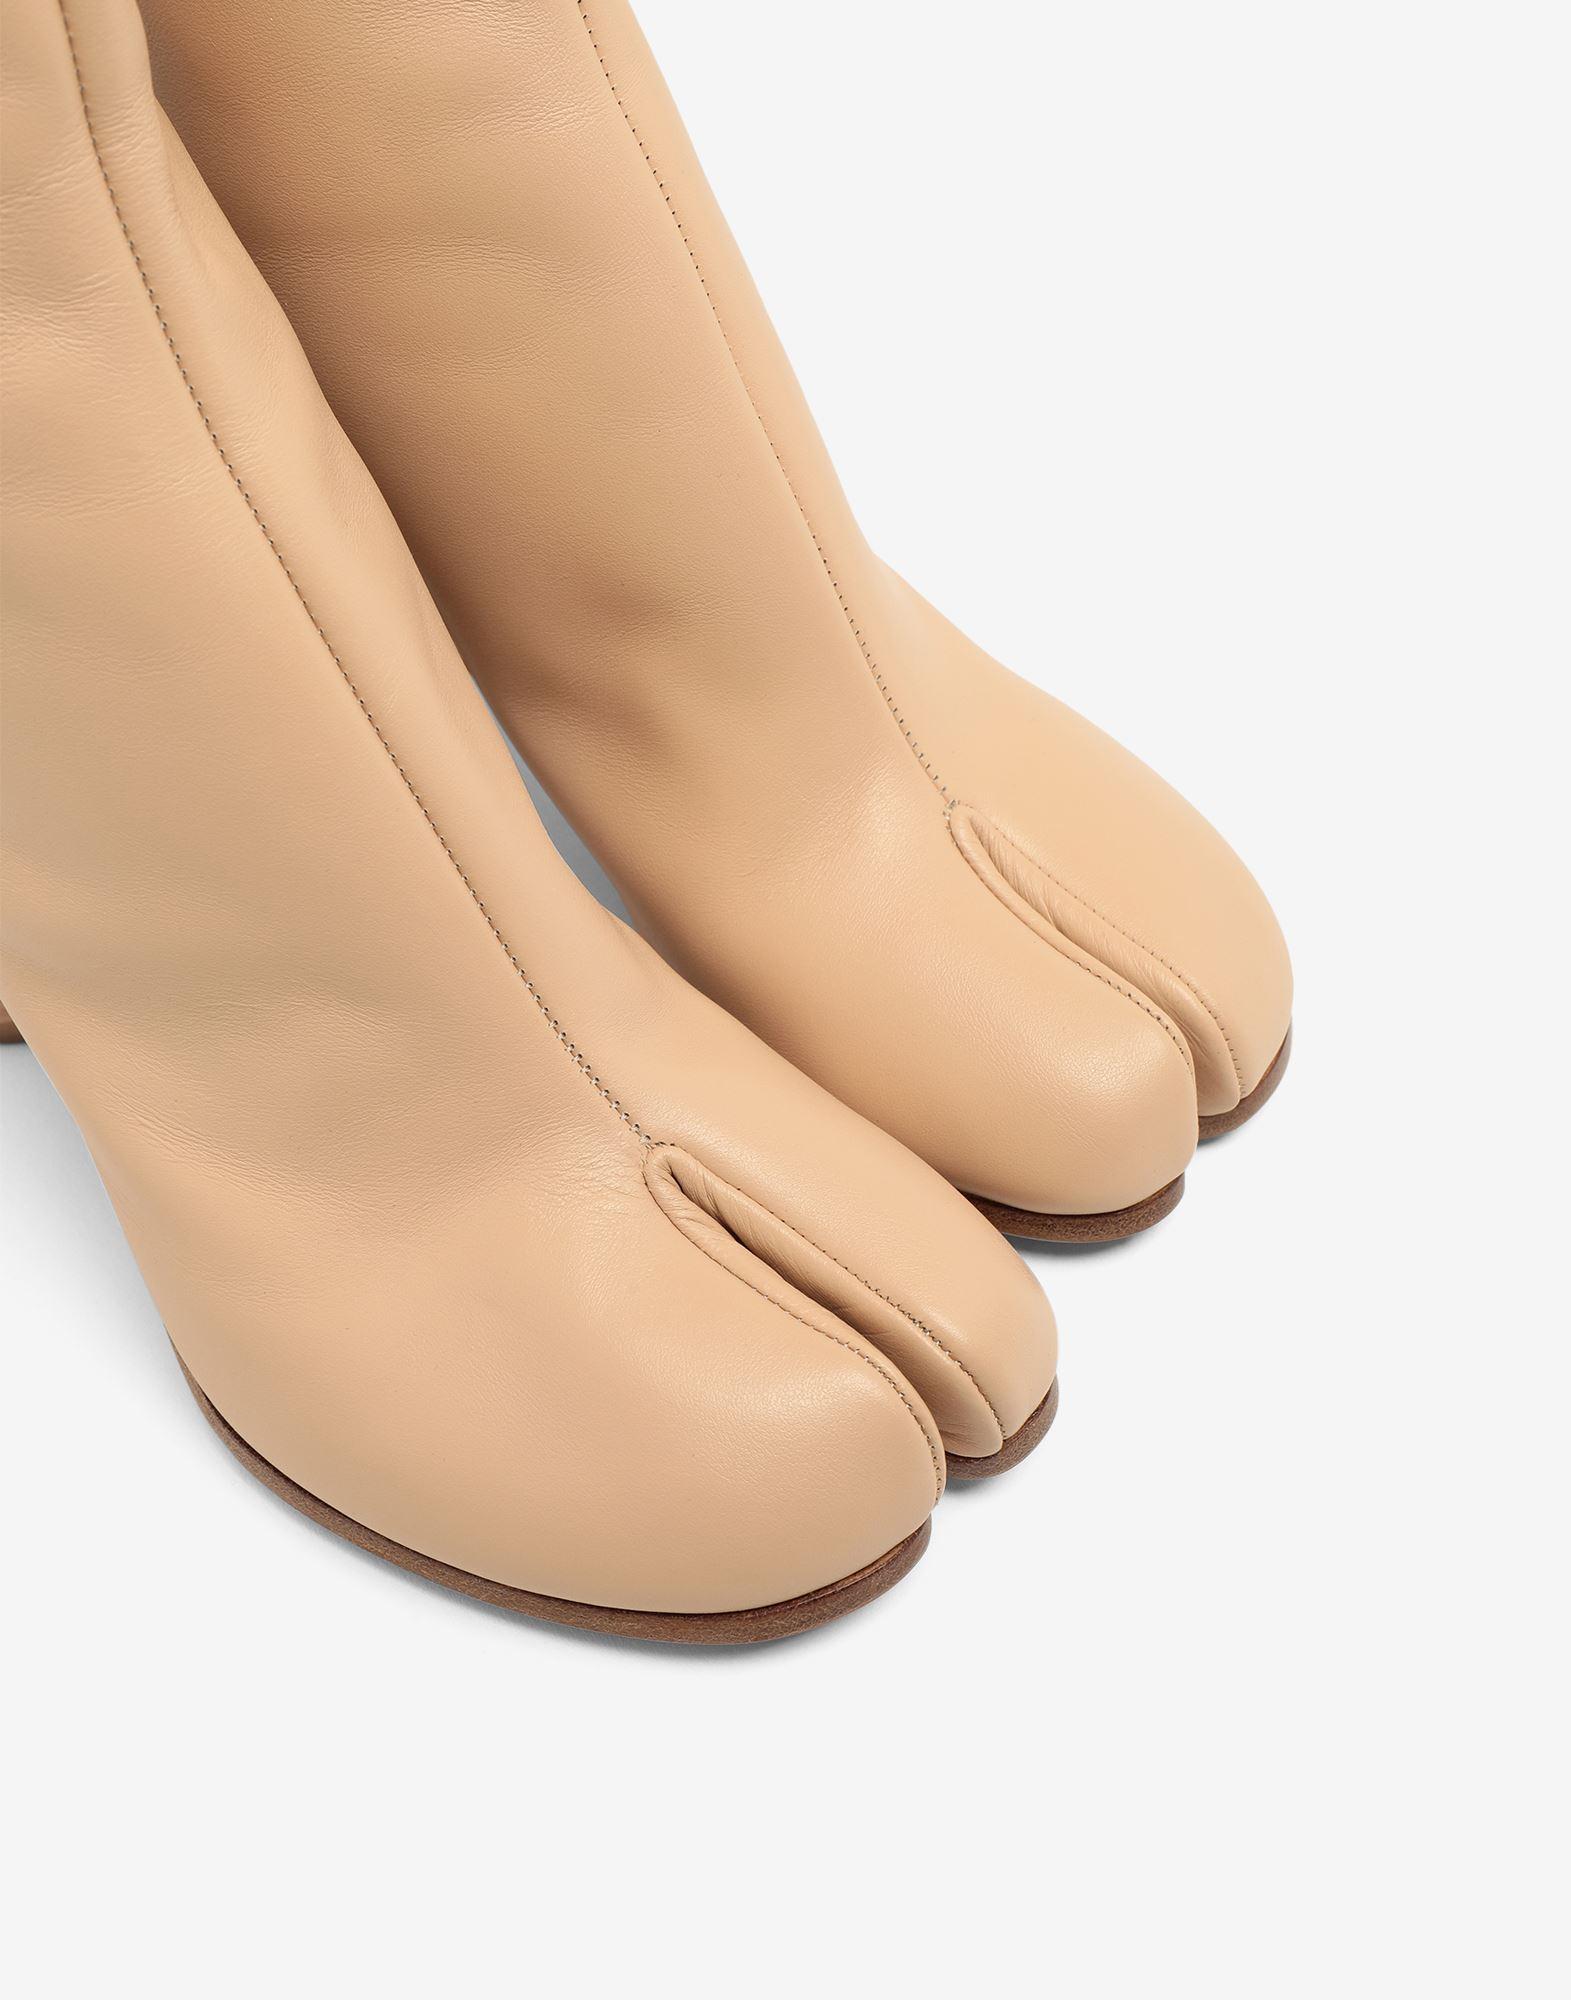 MAISON MARGIELA Tabi calfskin boots Tabi boots Woman a